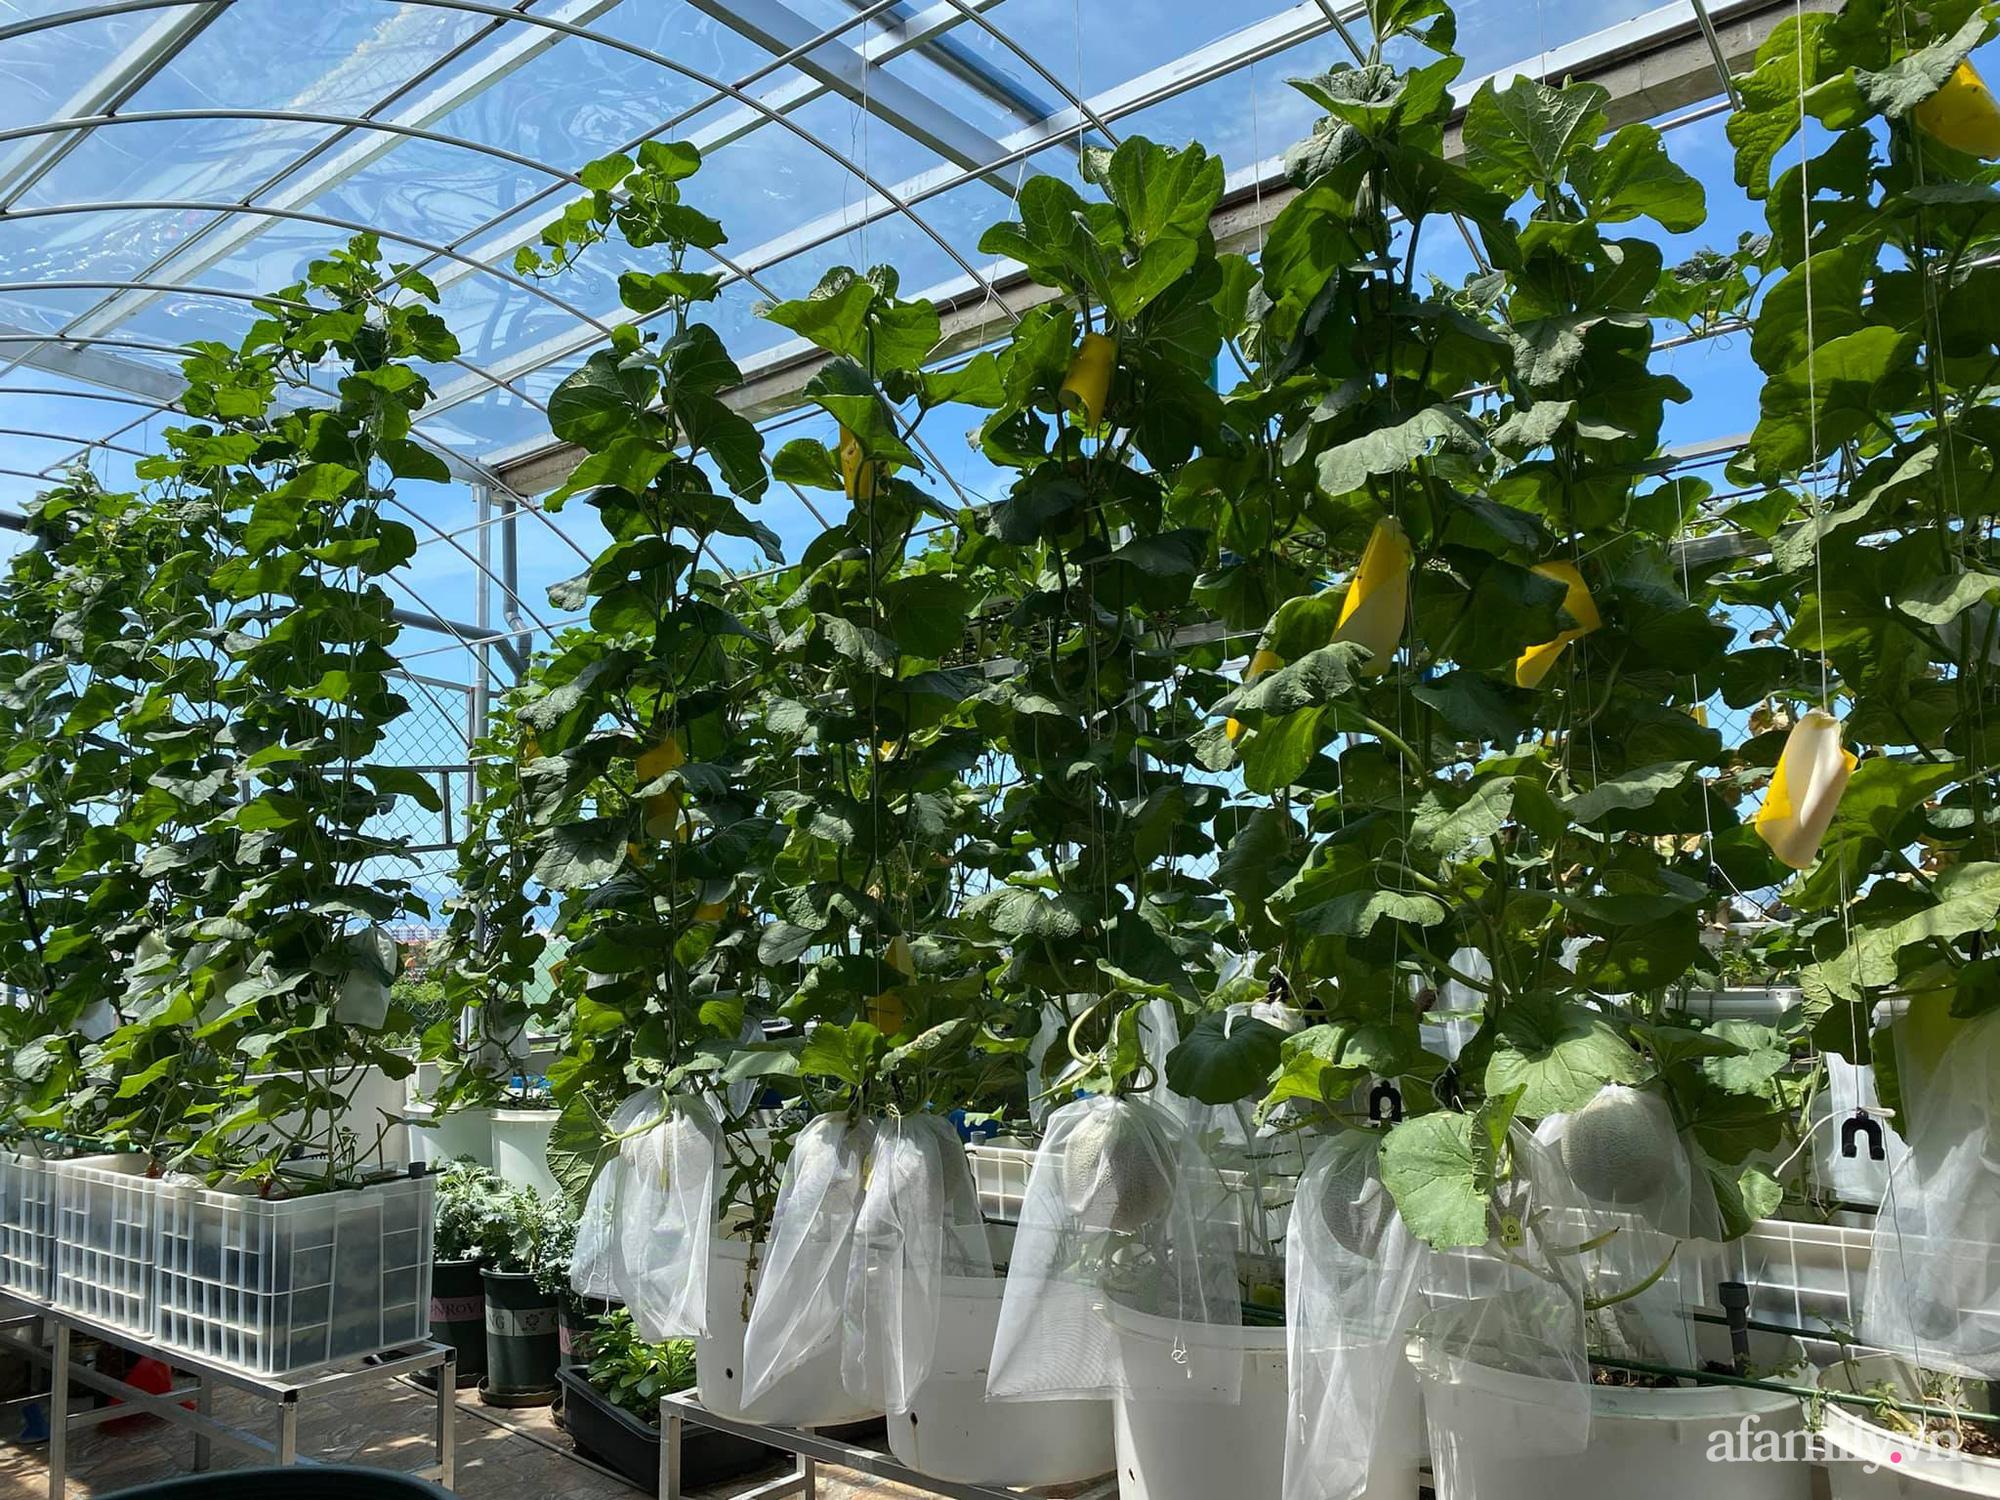 Giãn cách không ra khỏi nhà vẫn đủ rau quả thưởng thức nhờ vườn cây xanh um trên sân thượng ở Đà Nẵng - Ảnh 5.